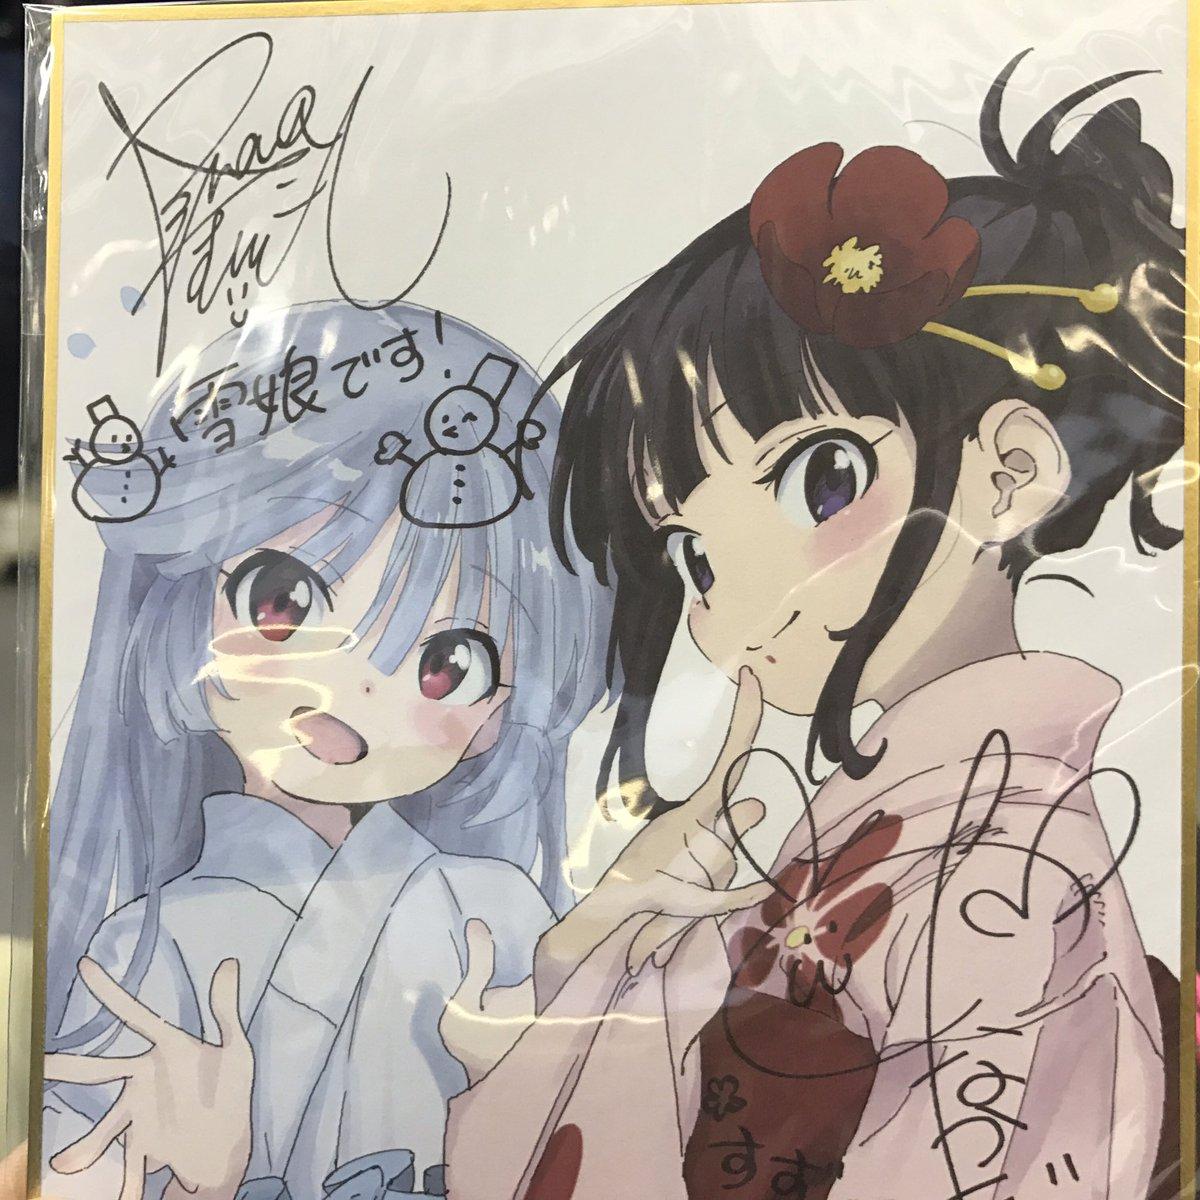 BD予約特典のミニ色紙♪仲田ありささんわたしの名前覚えていてくださった、、ありがとうございます〜応援しますよっ( ´艸`